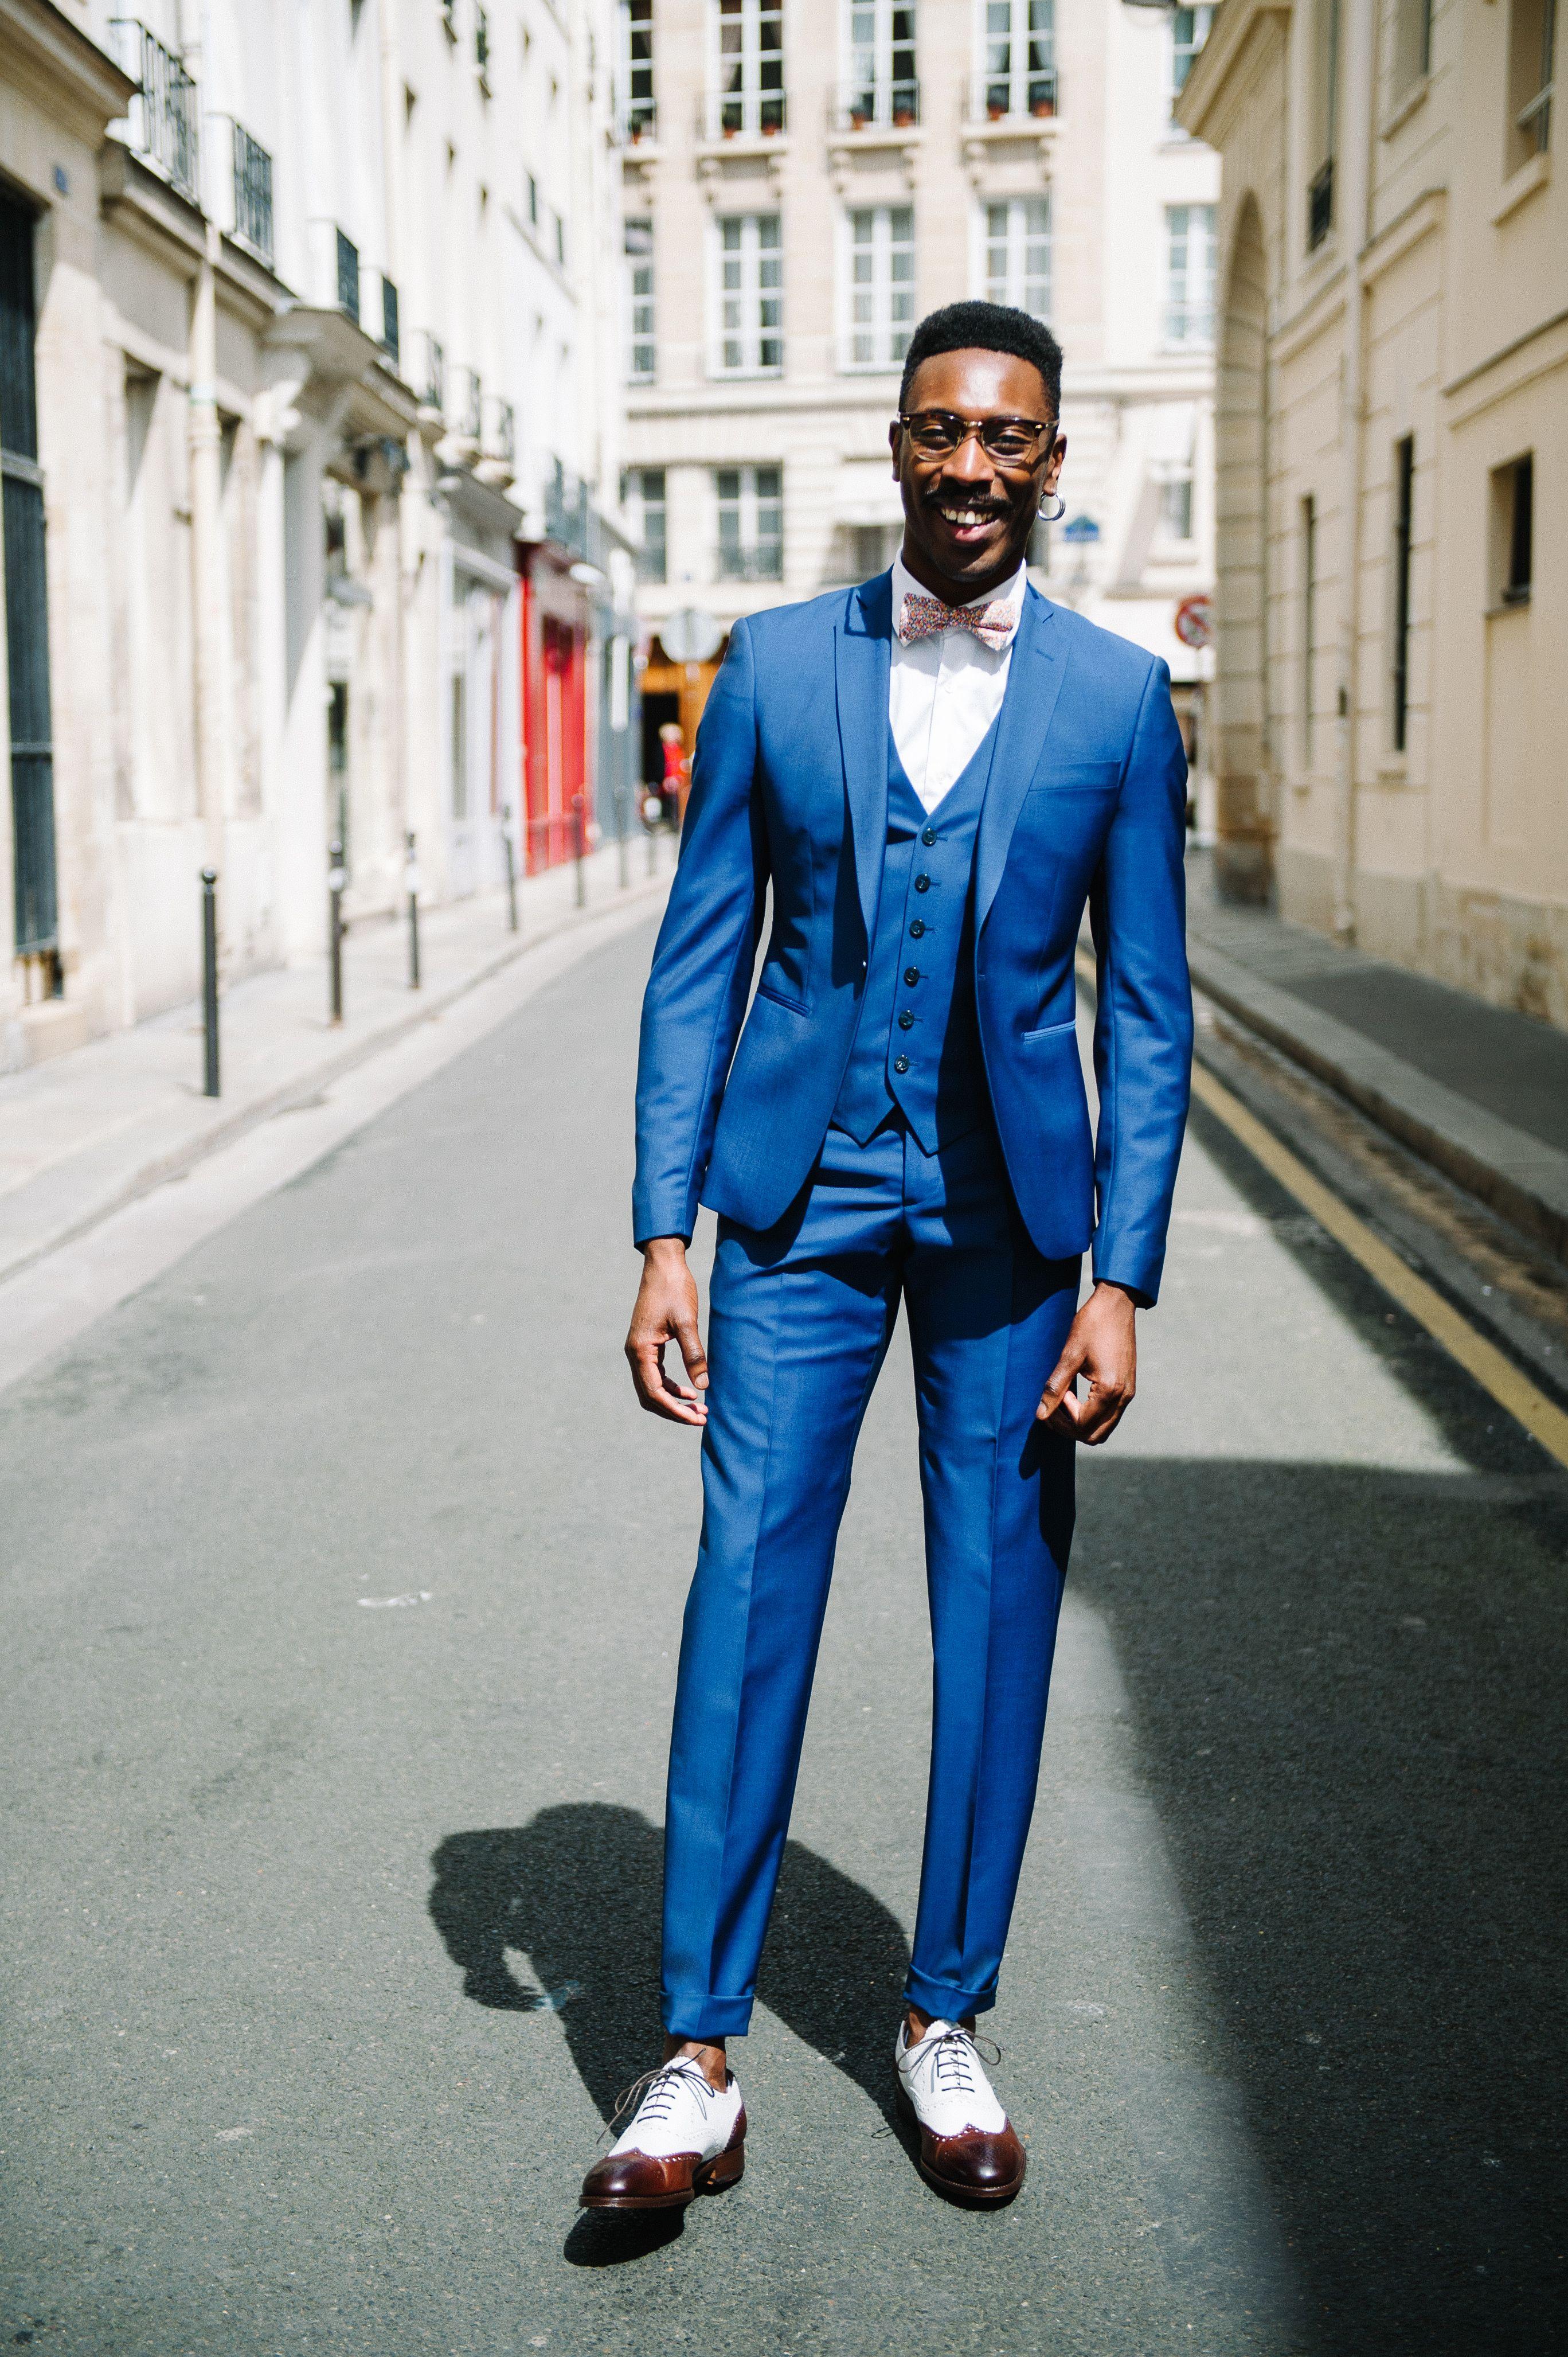 Beau Costume Homme avec costume bleu marseille cérémonie | mode men | pinterest | costumes